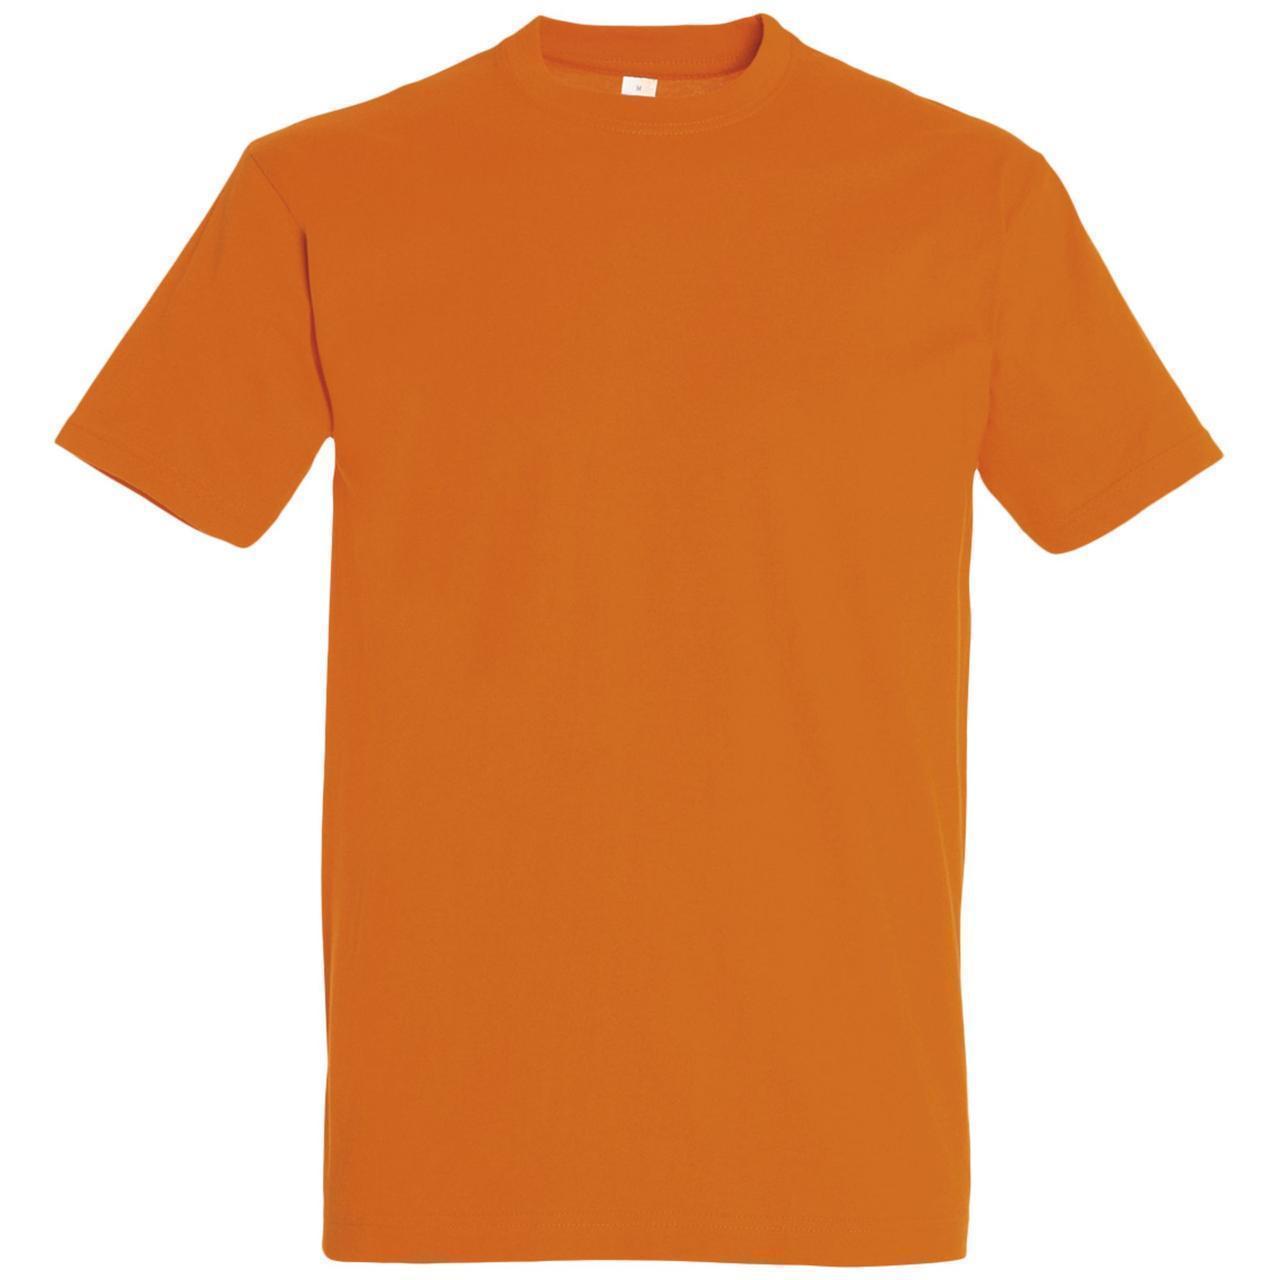 Oднотонная футболка | Оранжевая | 160 гр. | 3XL